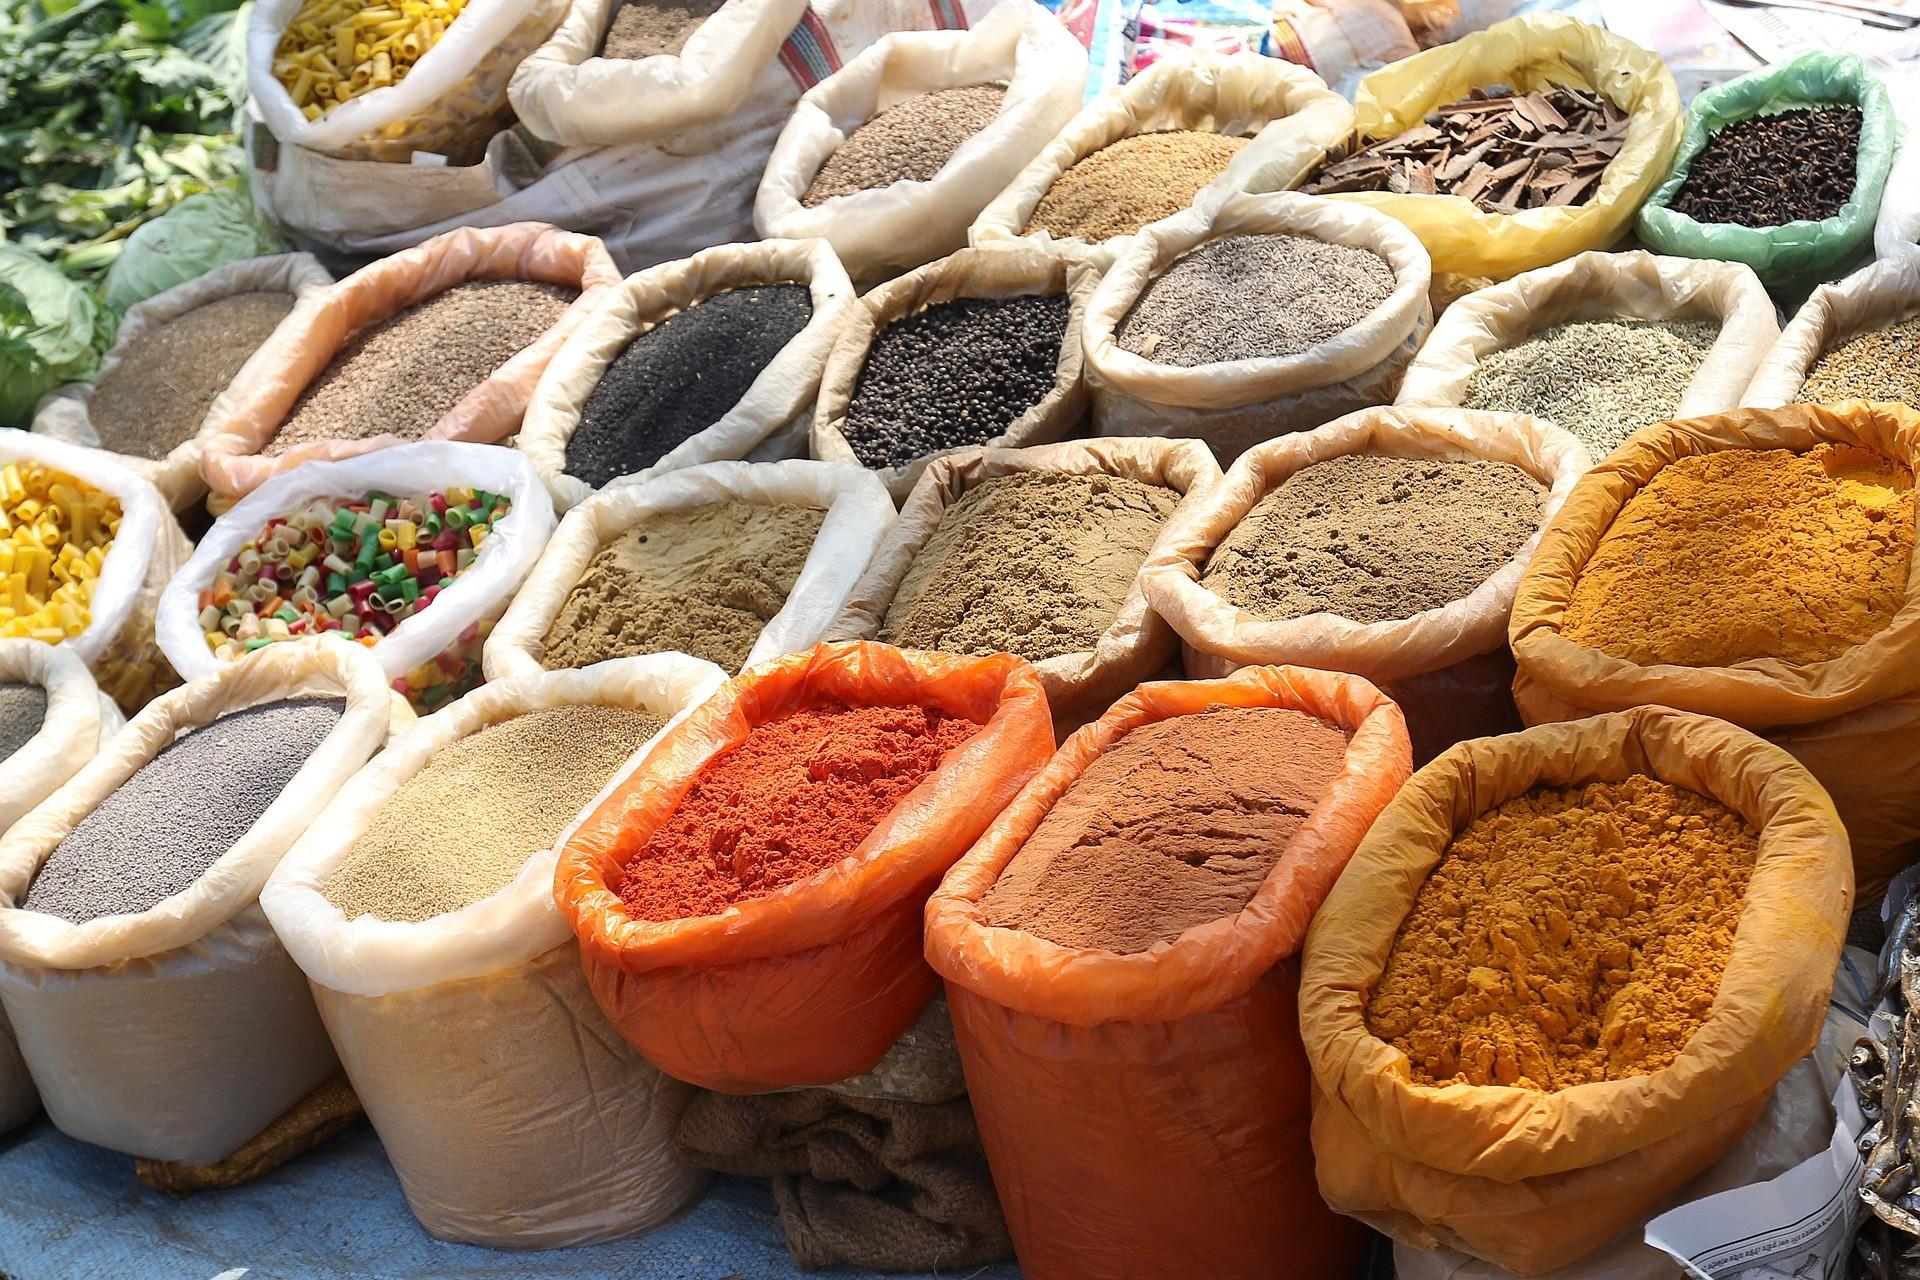 ▲印度香料,印度,印度料理,咖哩,印度文化。(圖/取自免費圖庫Pixabay)